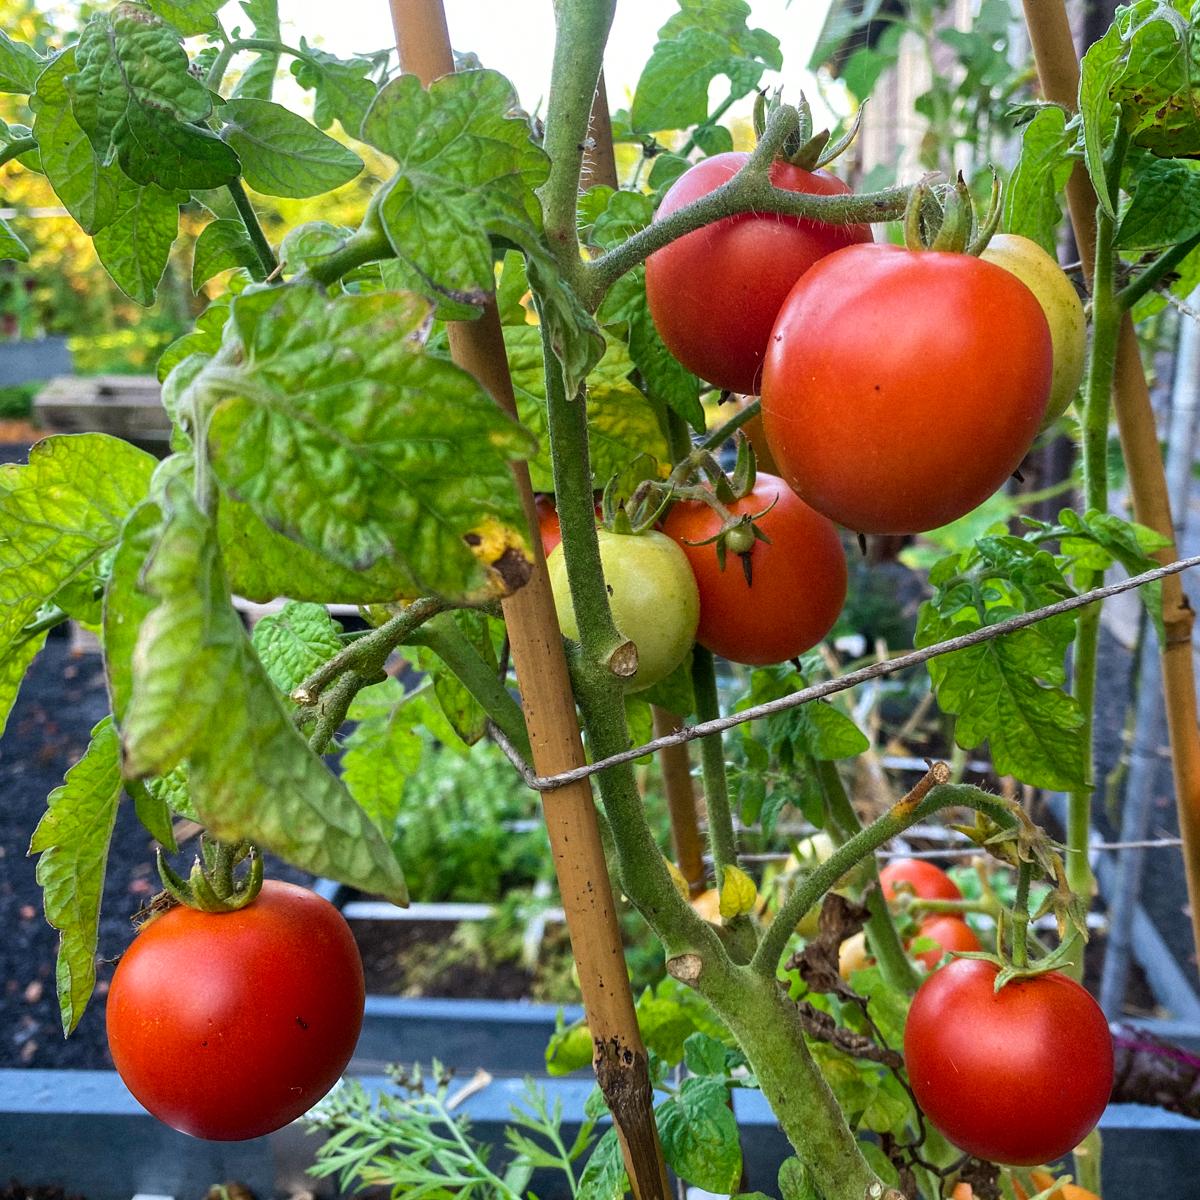 Balkontomaat eind augustus: knip het blad voor de rijpende tomaten weg.